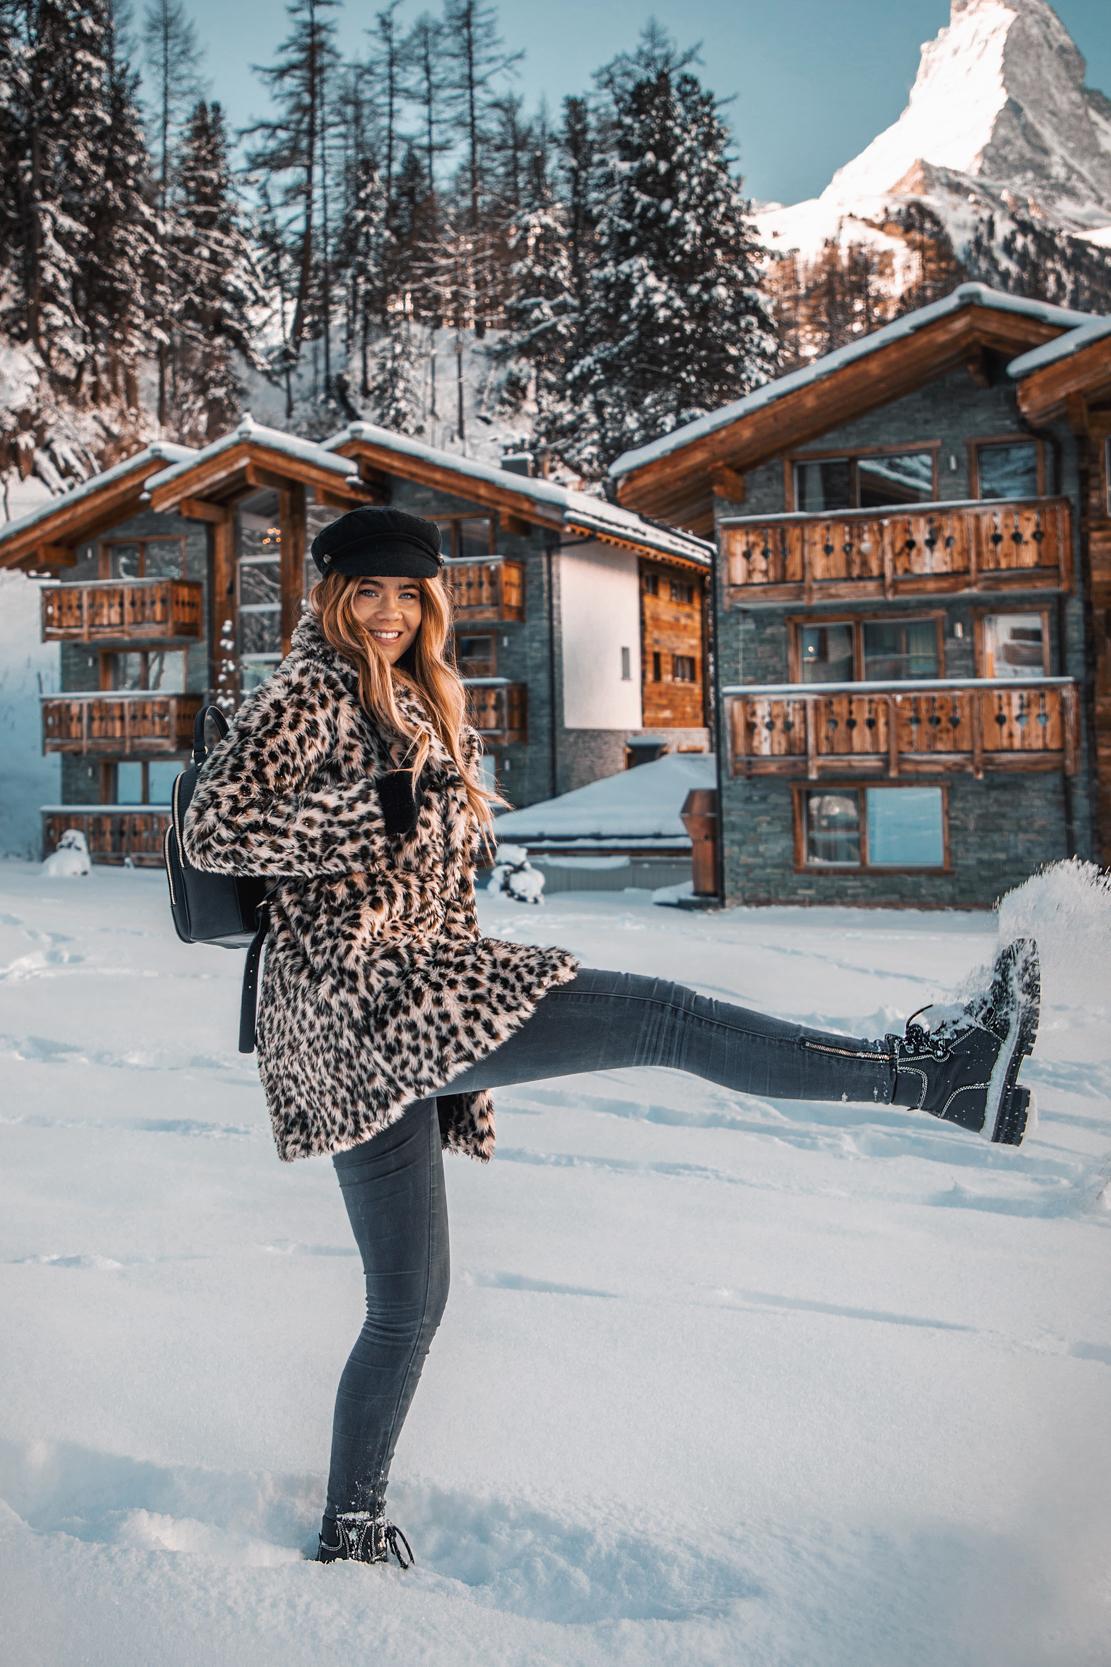 stylish-winter-outfits-switzerland-18.jpg